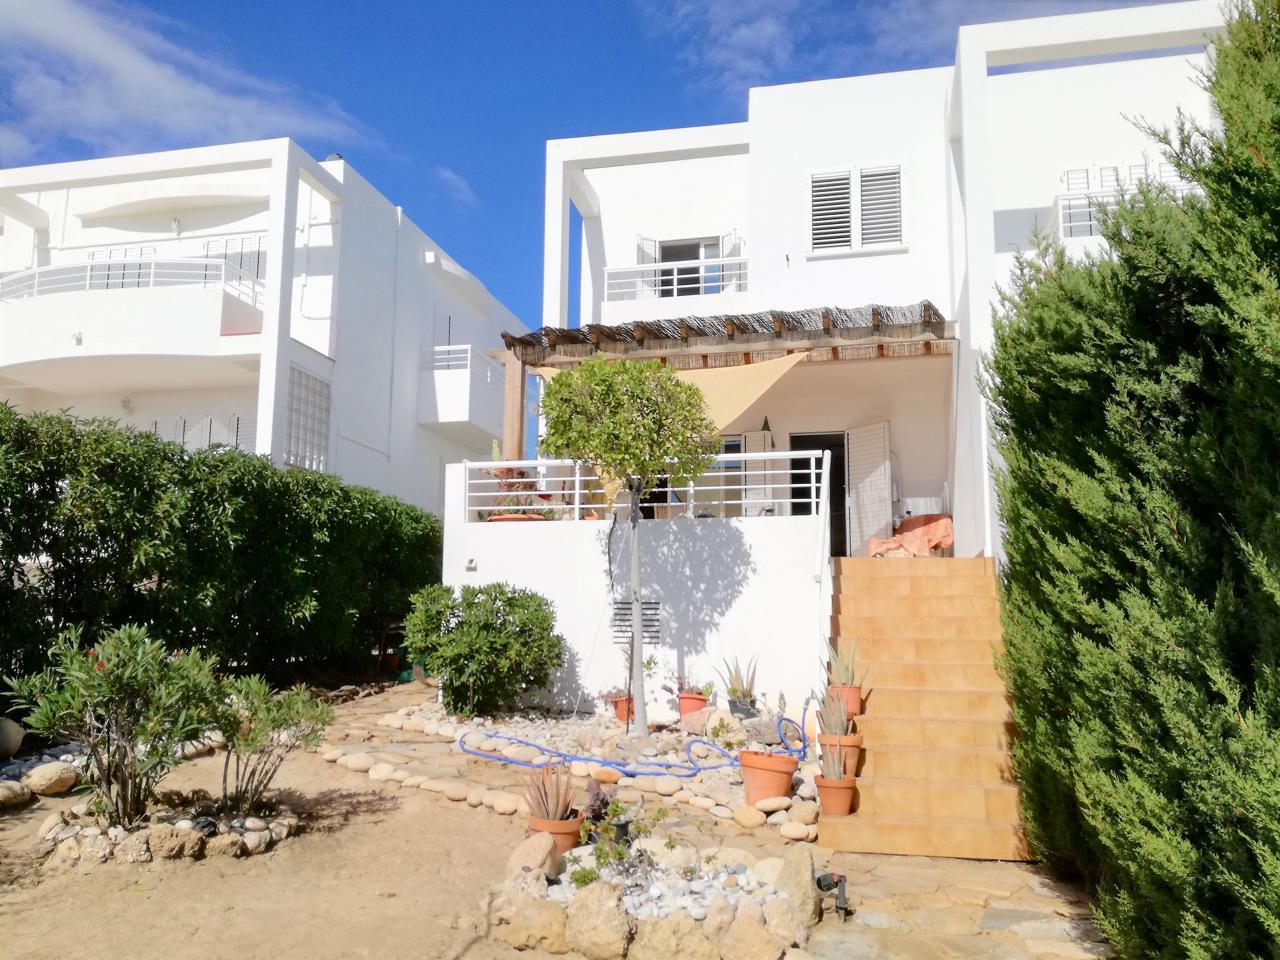 Casa / chalet Calle Orán, Mojácar